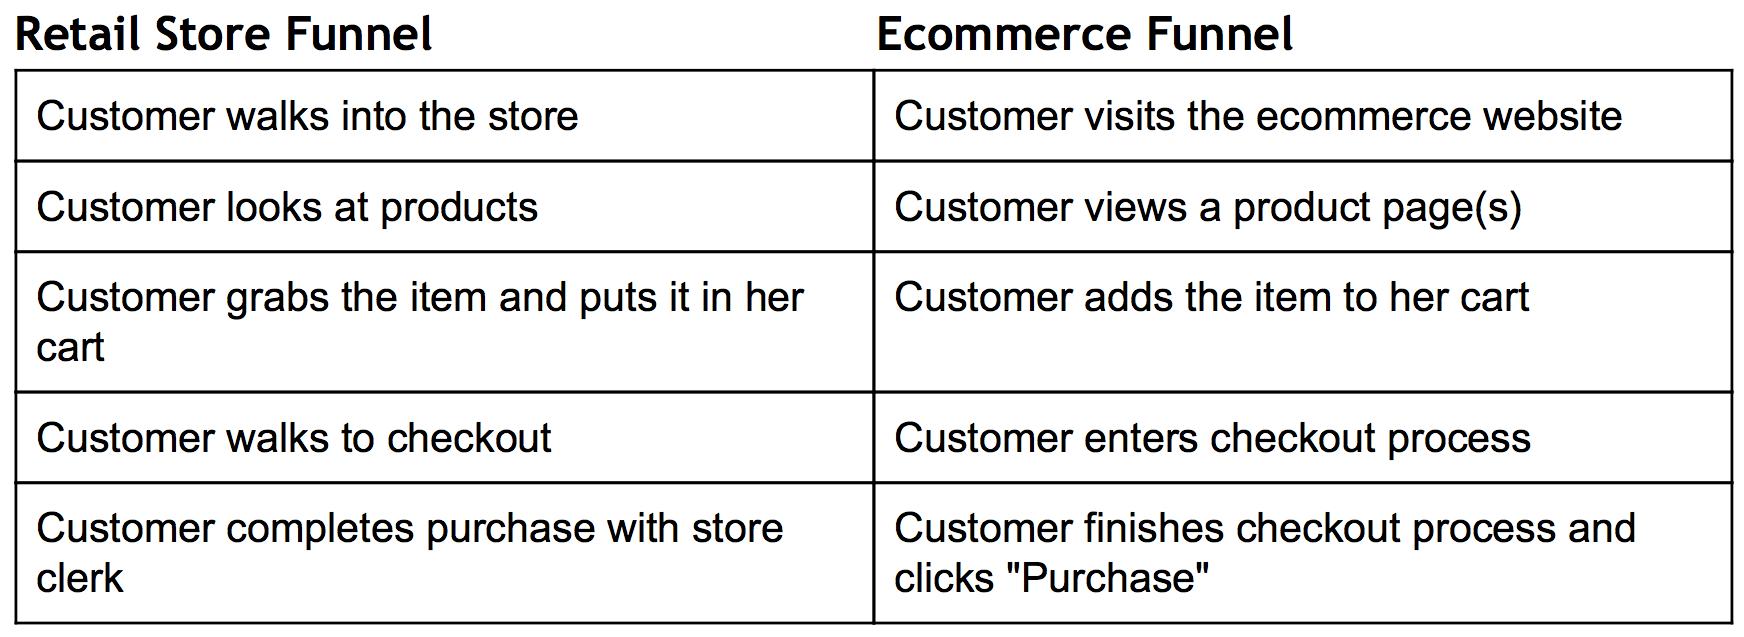 comparación de embudo de marketing-tienda-minorista-comercio electrónico